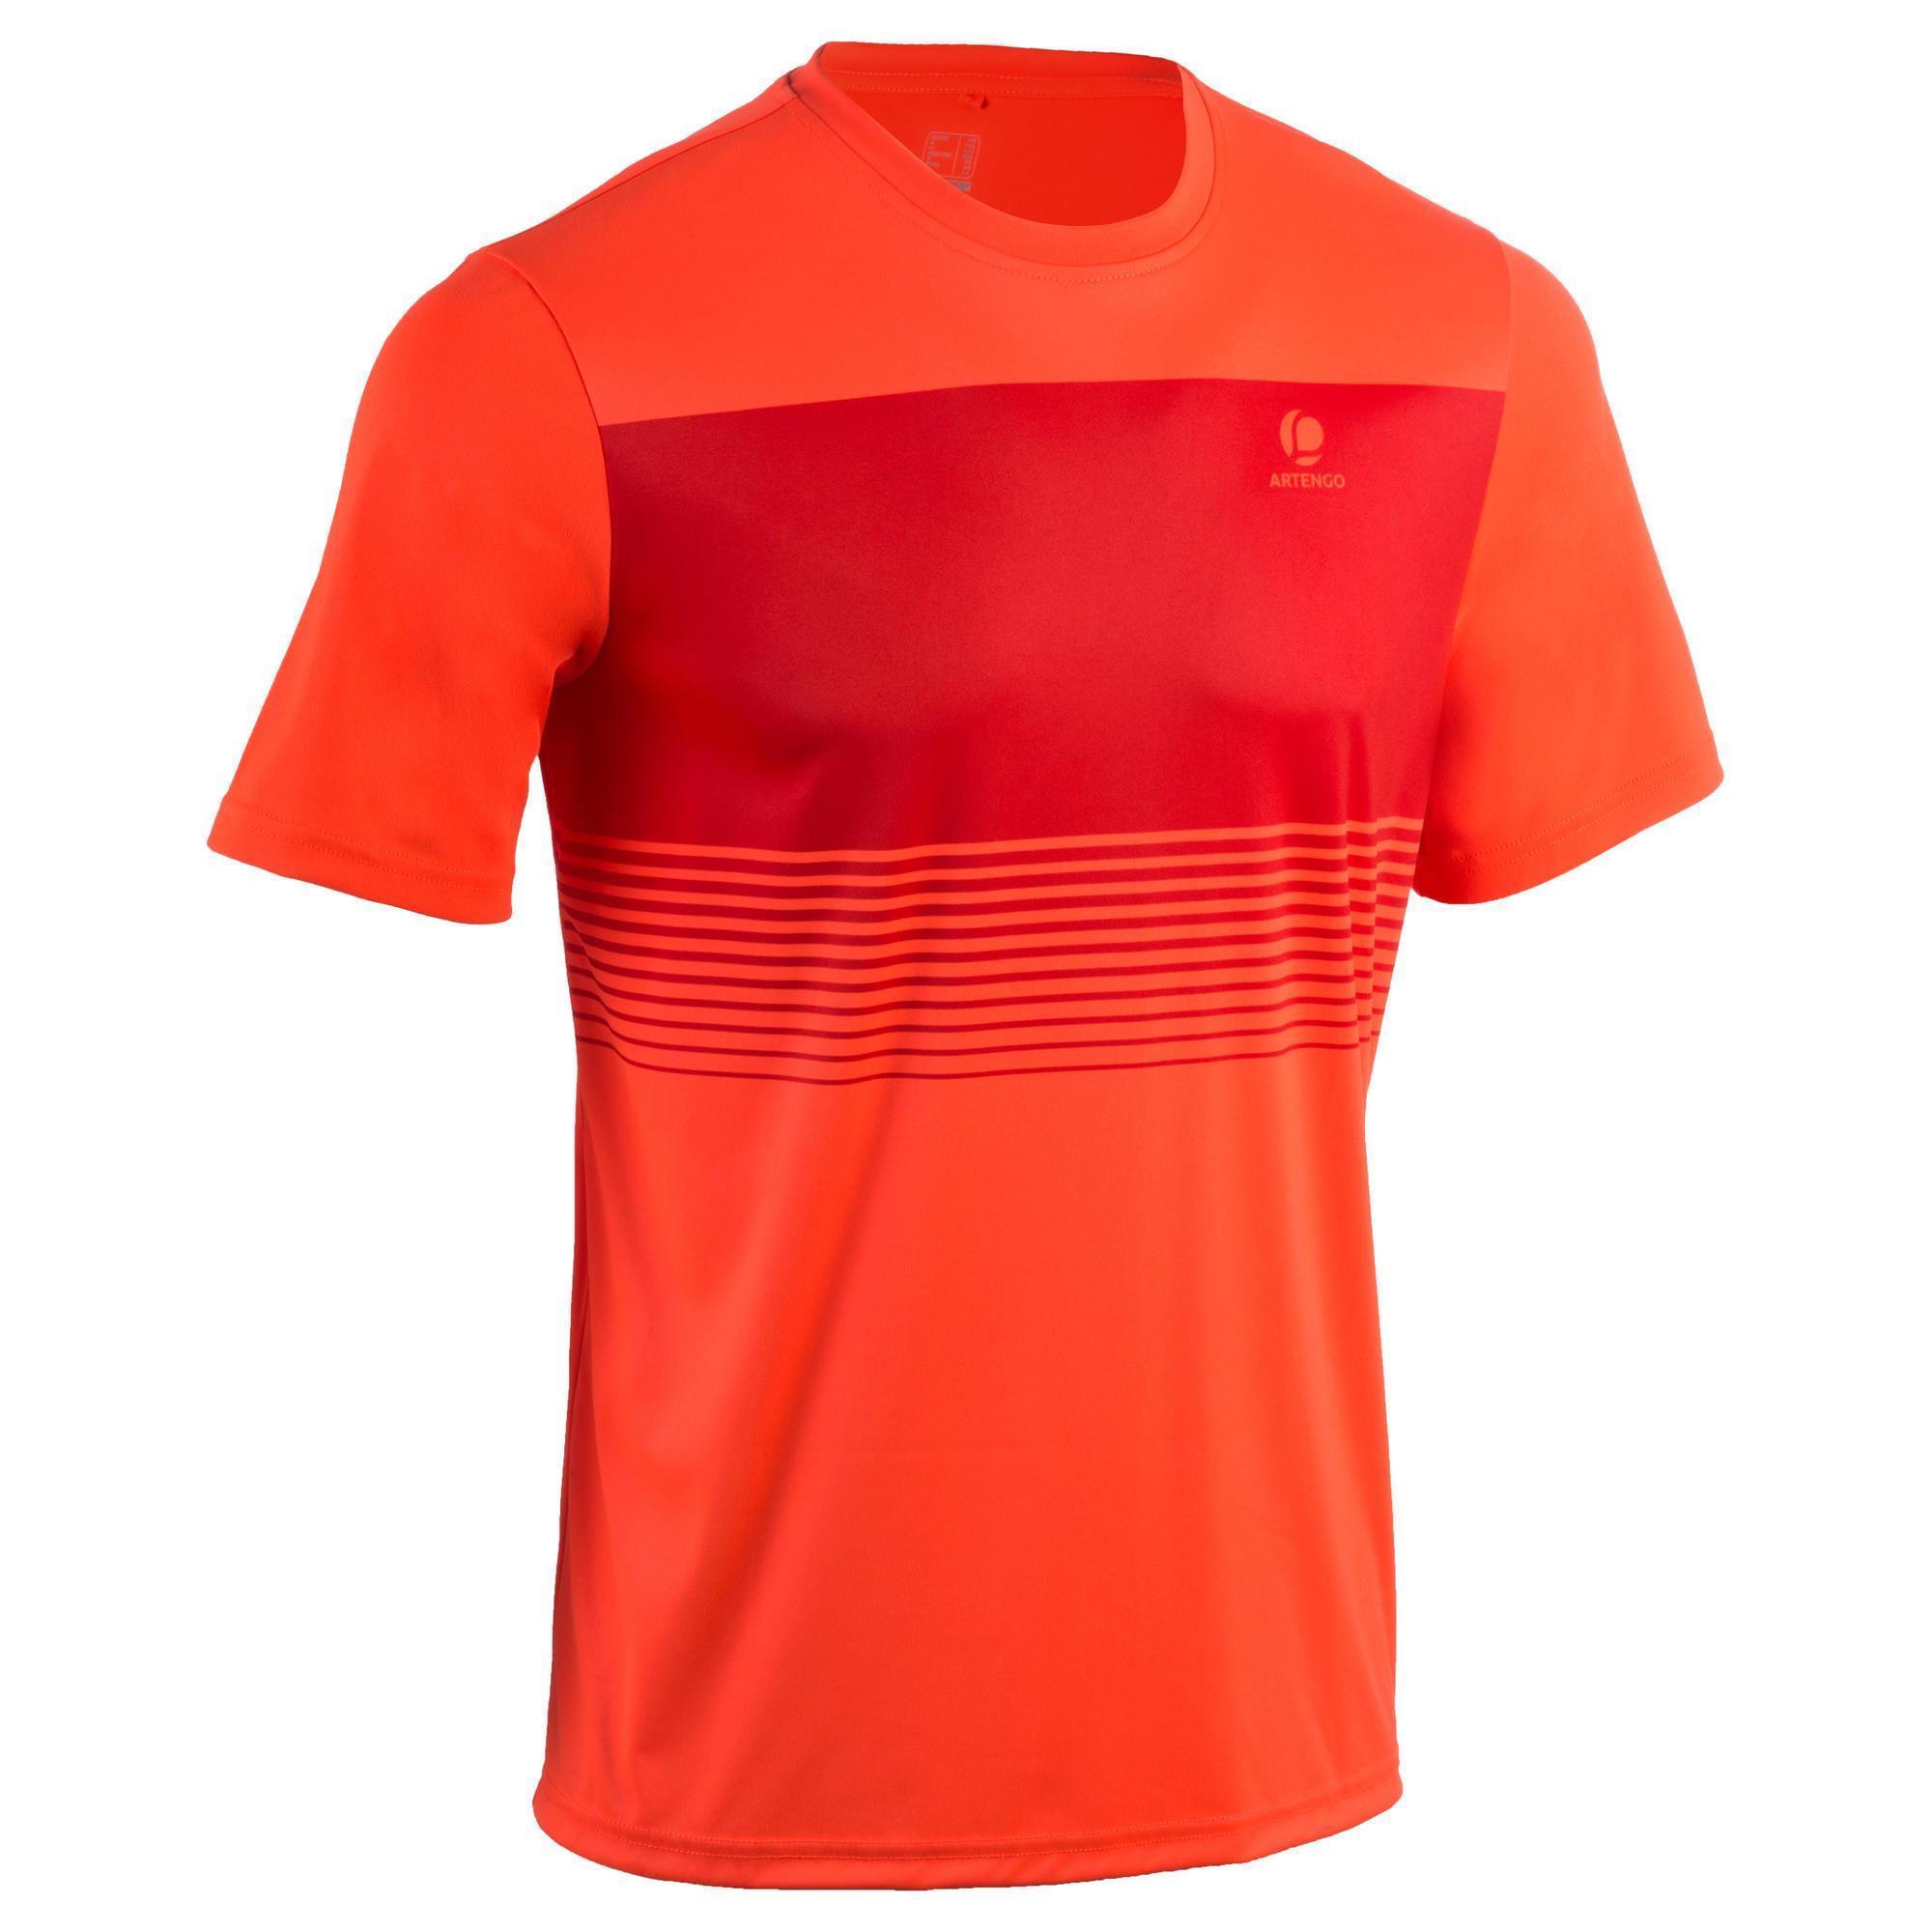 75ad4fa3d19 Artengo T-shirt tennis heren Soft 100 kopen met voordeel - Sport ...